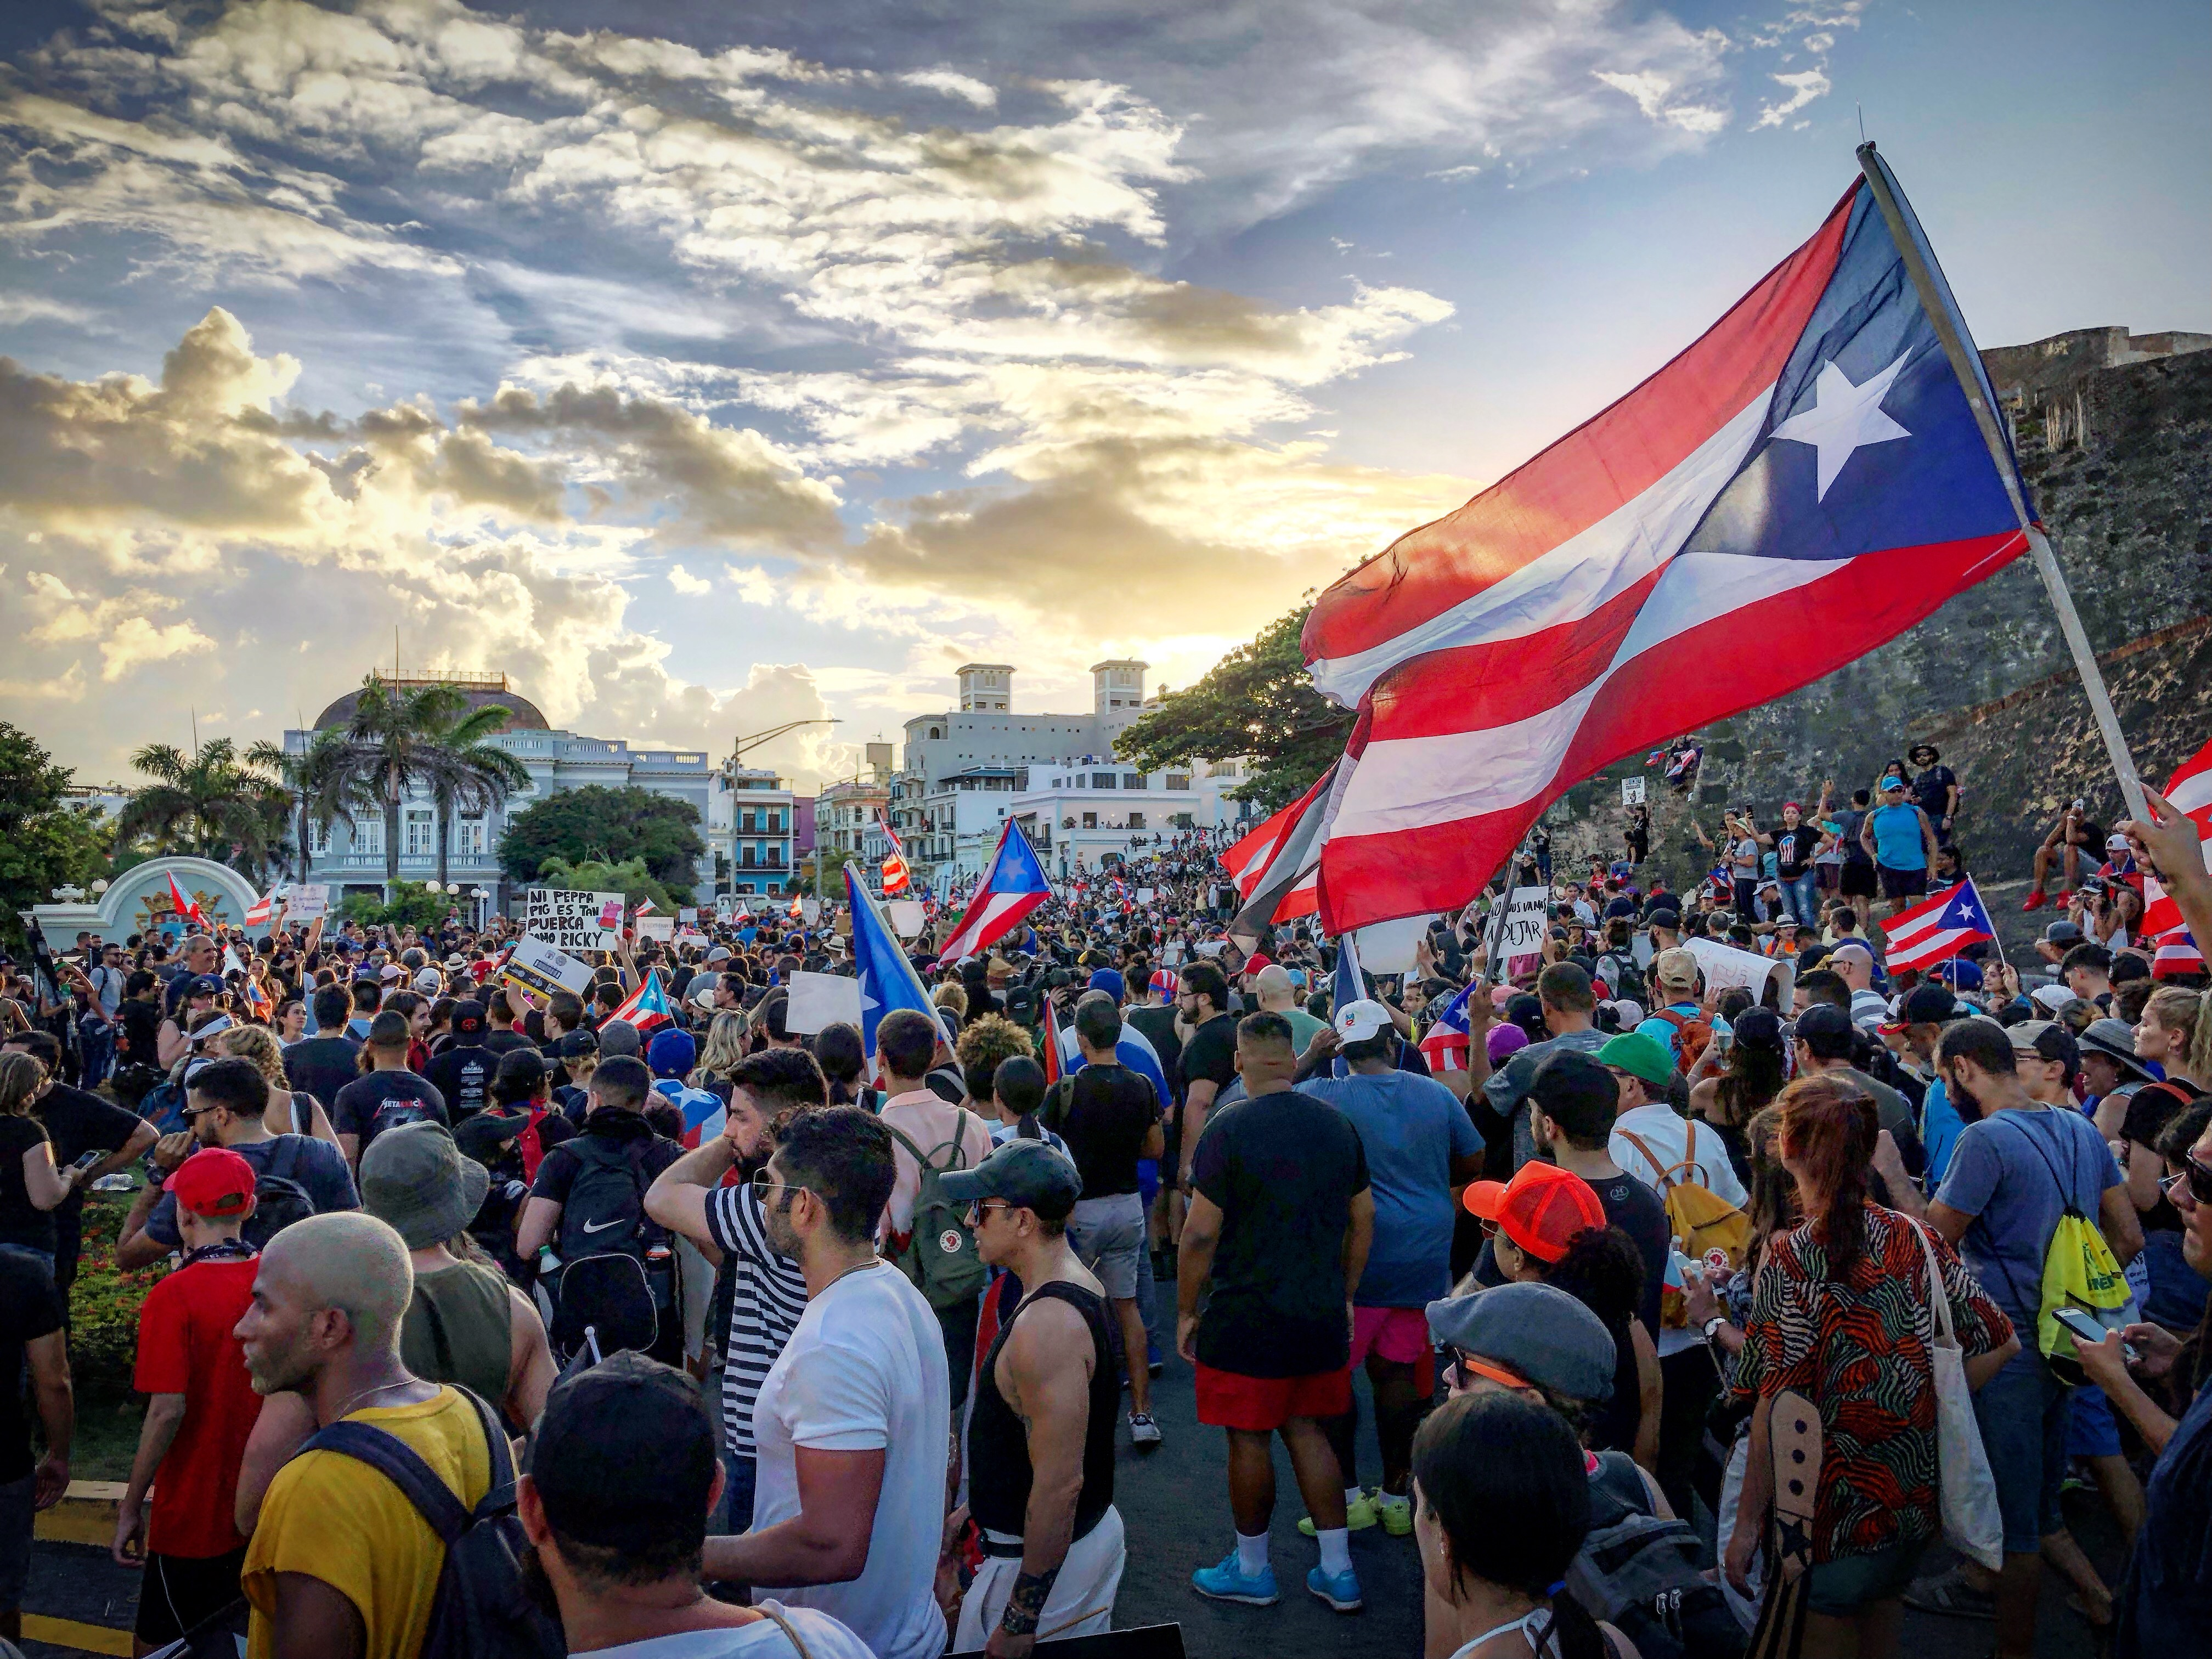 globálne obchodné dohazování Puerto Rico 3 predpoklady rádiometrickej datovania